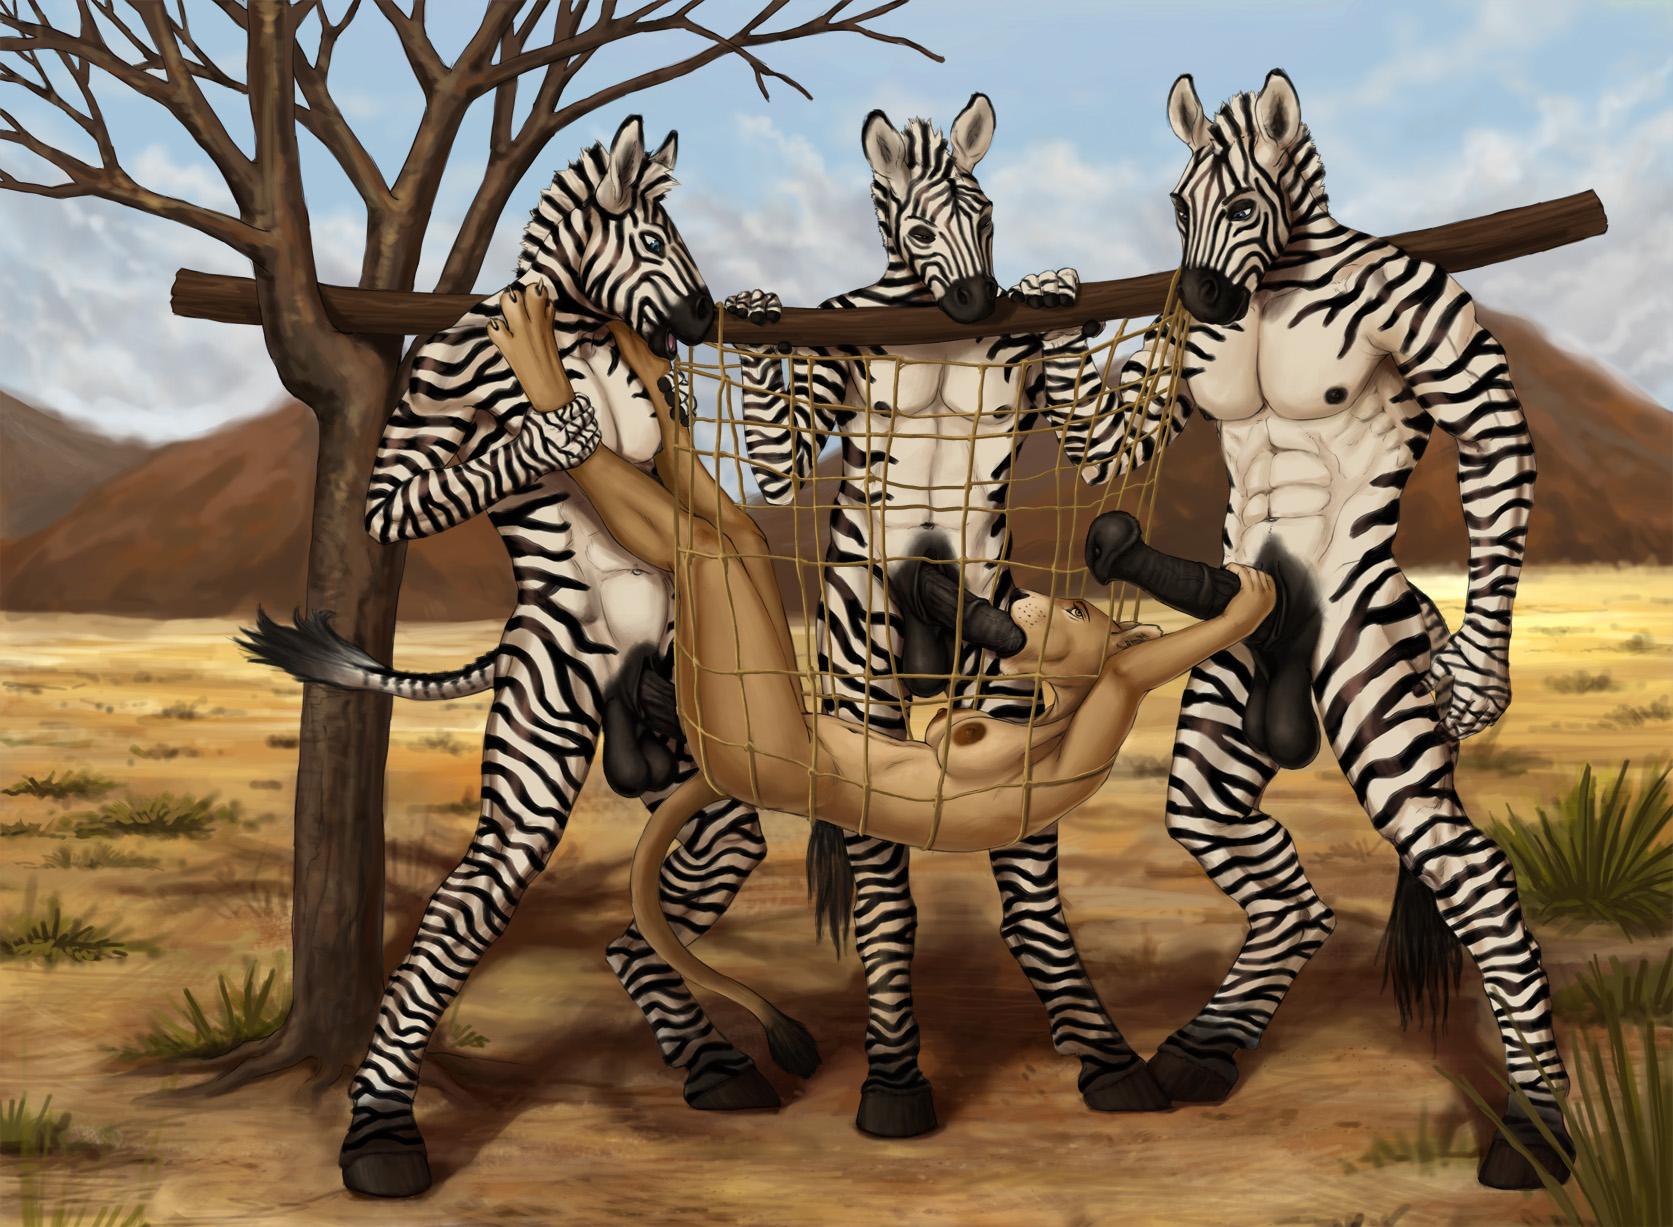 Секс у жирафов 6 фотография.